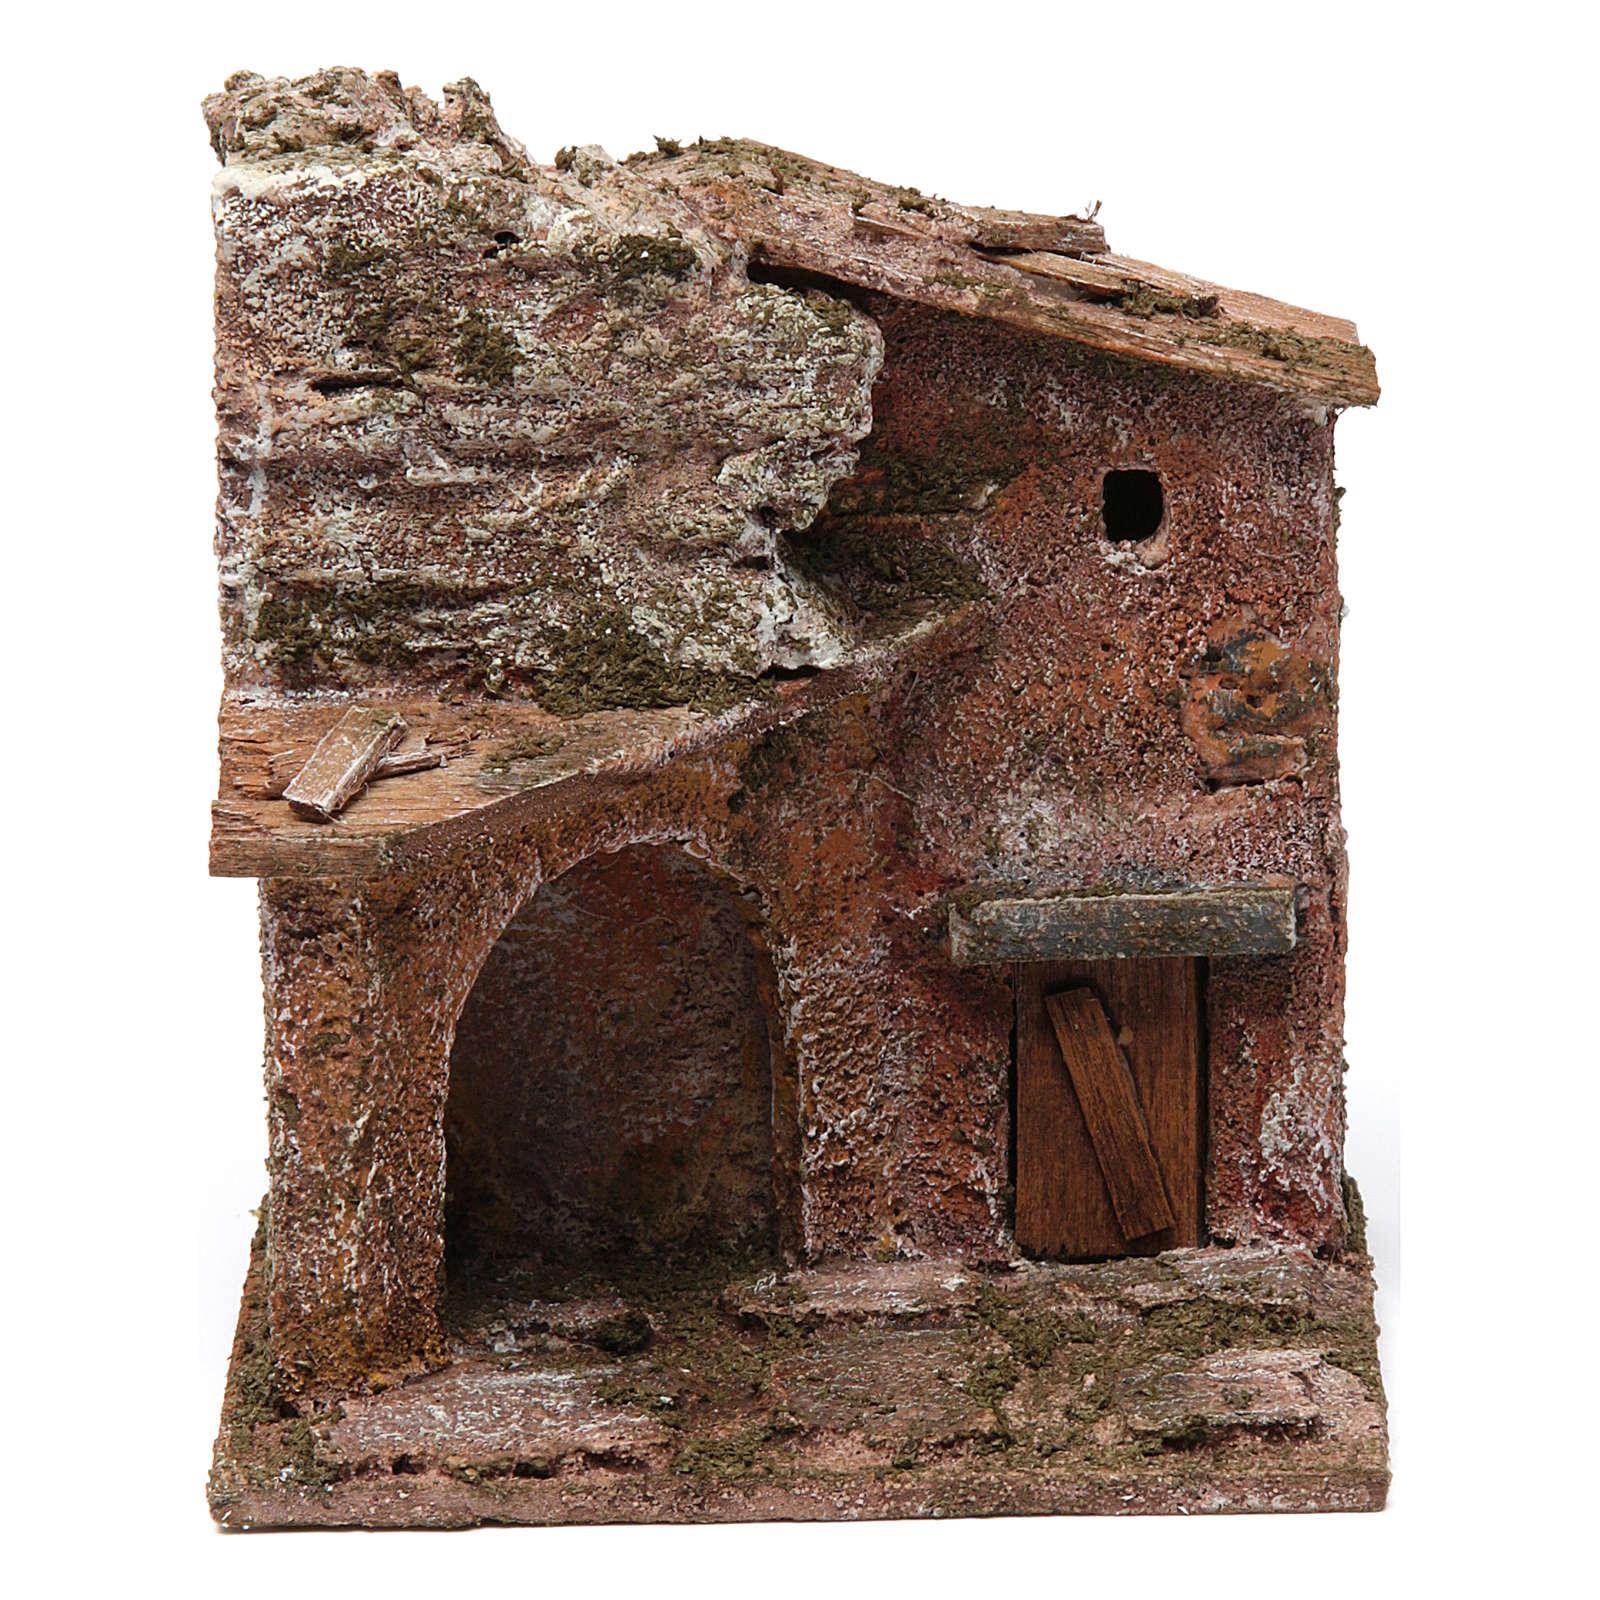 Casa porta e arco 10x10x10 cm 4